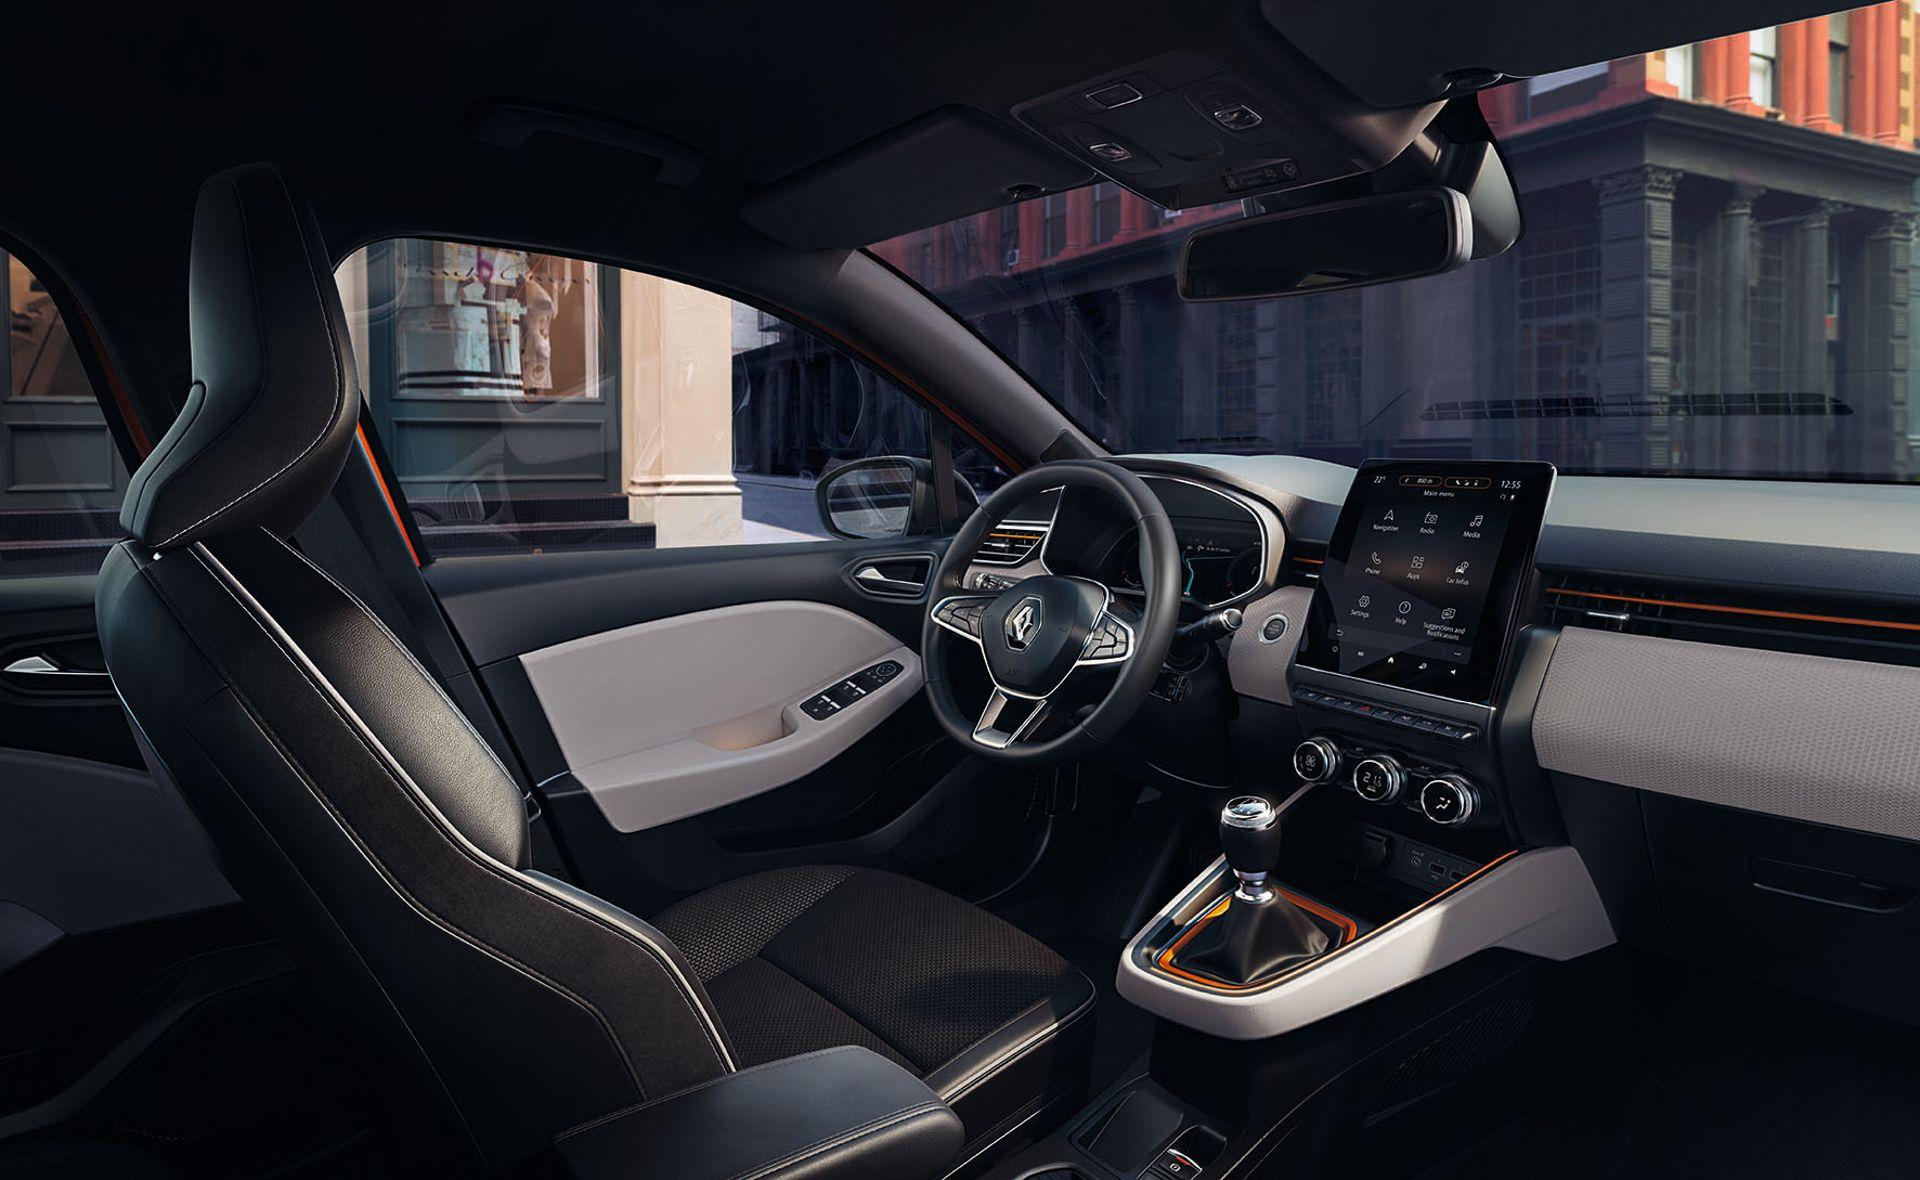 Renault Clio 2019 Interior (2)